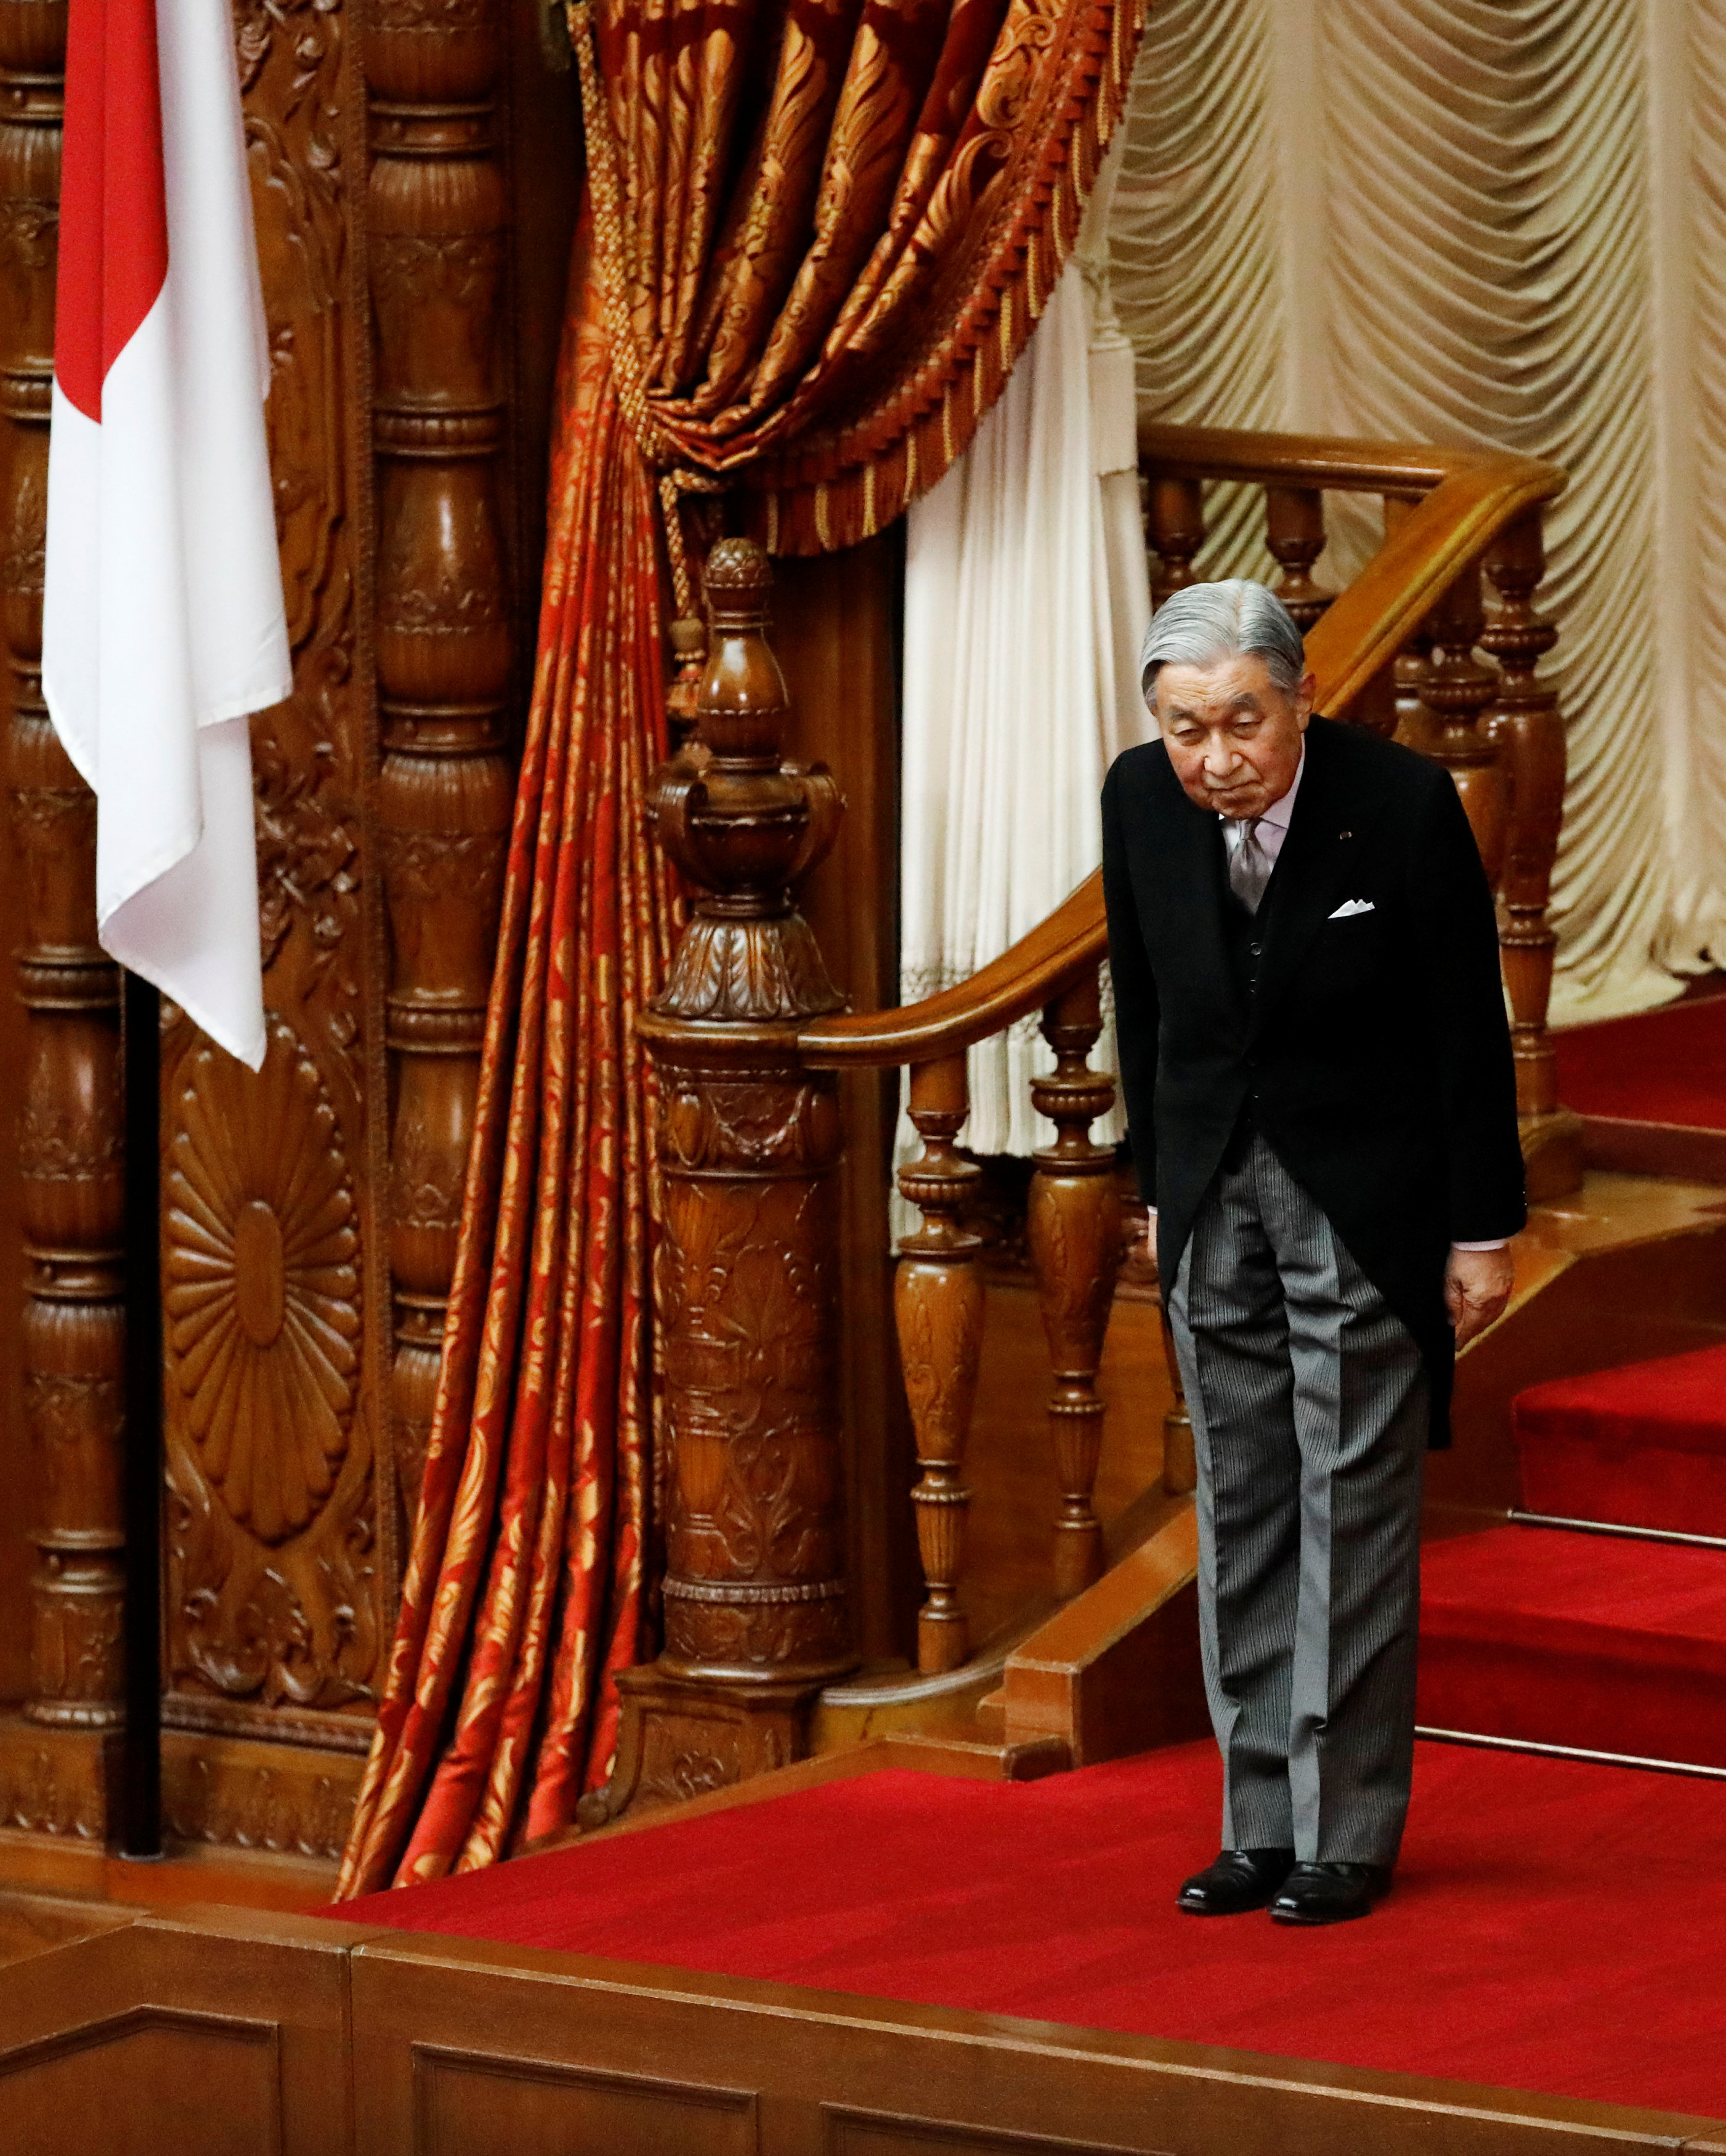 امبراطور اليابان ينحنى للنواب والمسؤولين اليابانيين